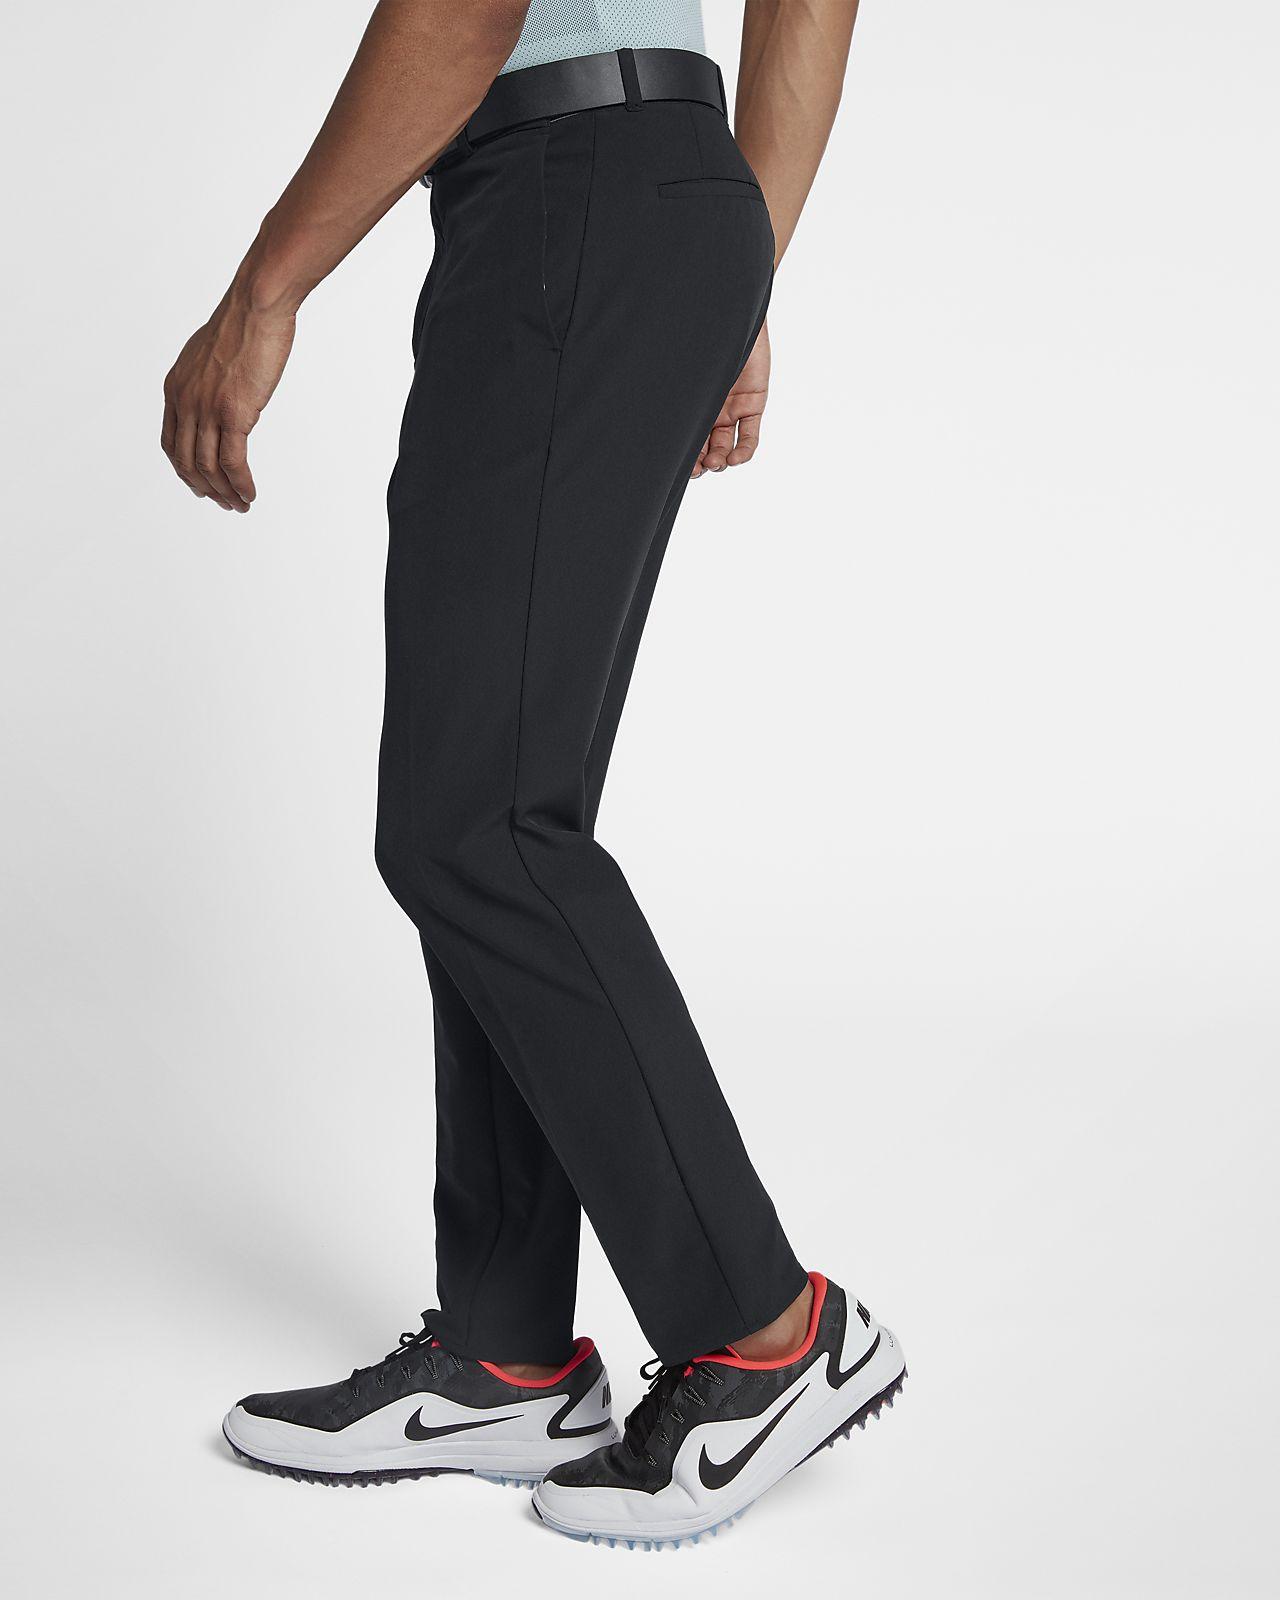 pantaloni nike golf uomo